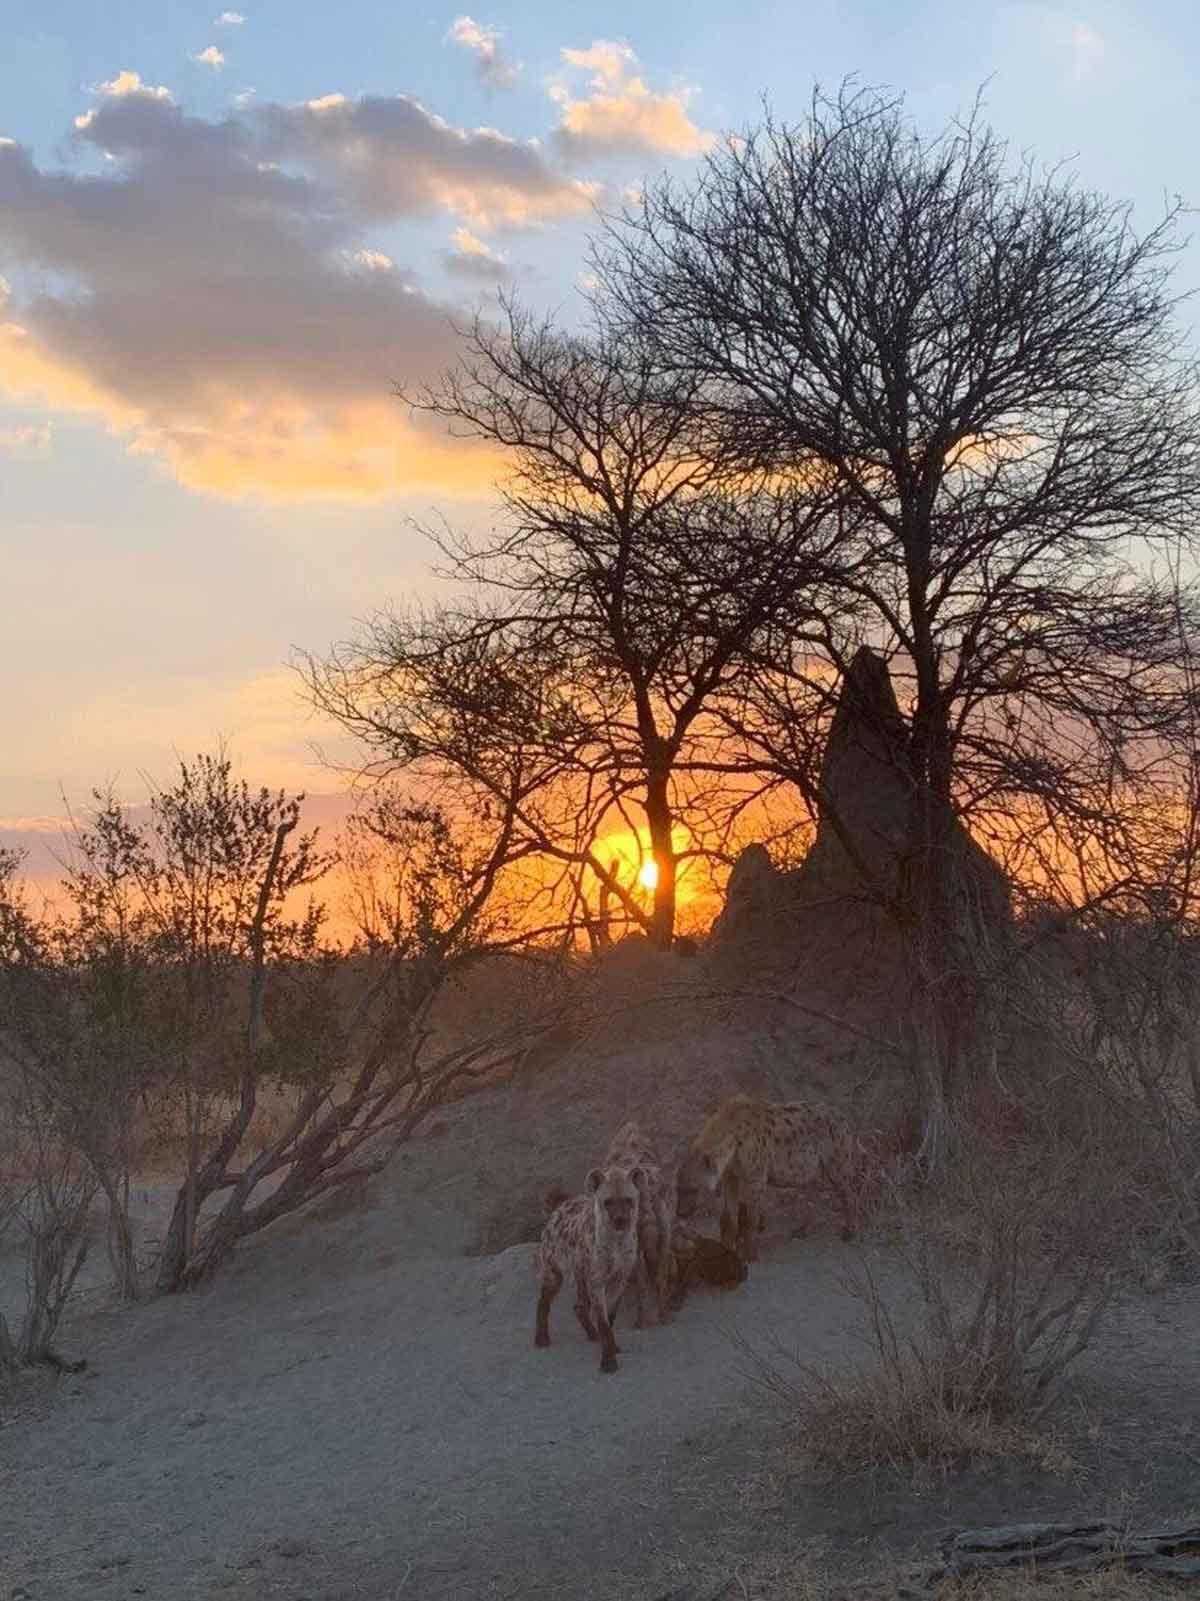 nThambo Hyenas